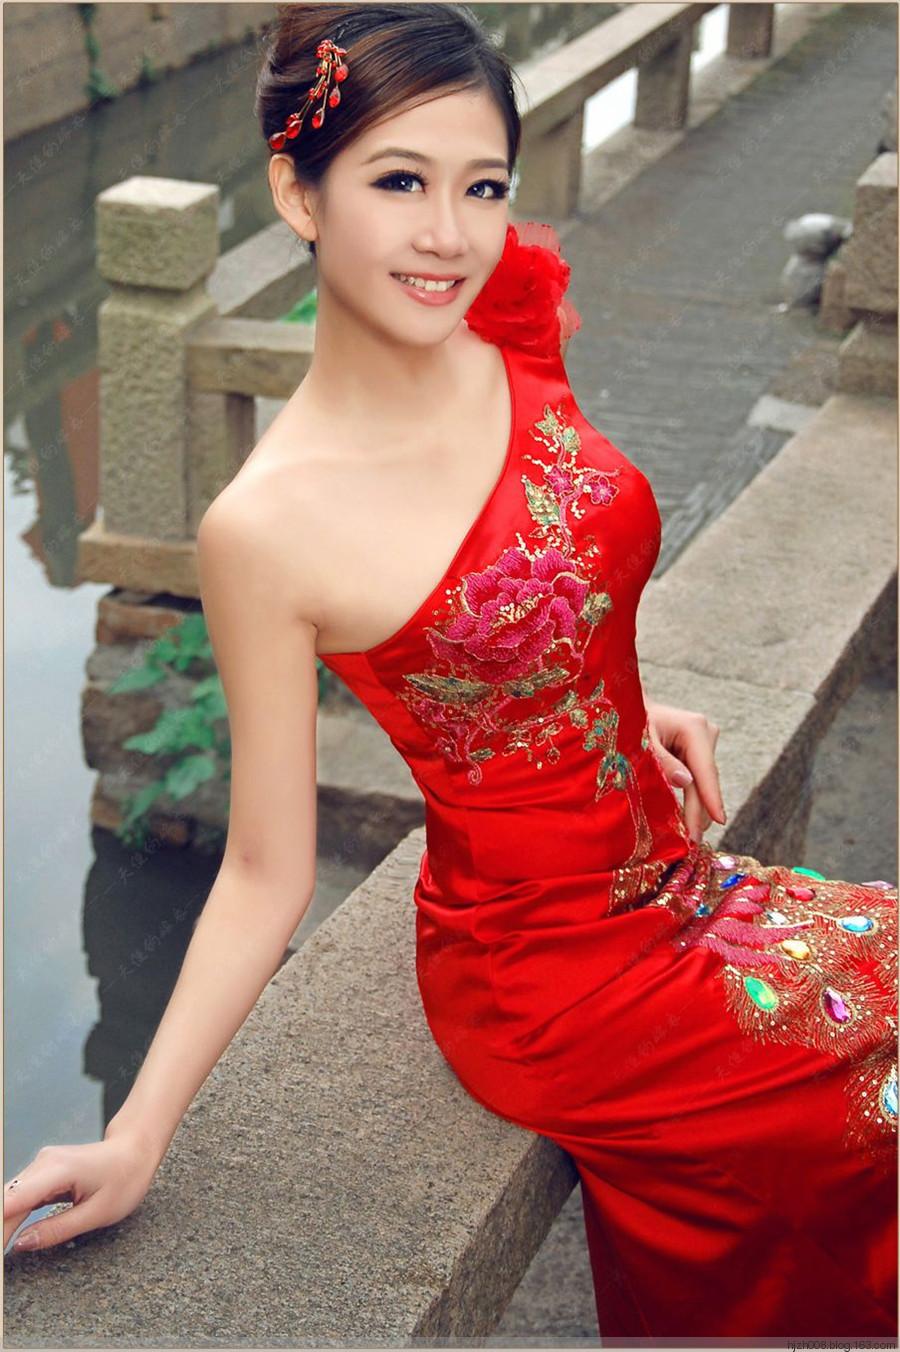 旗袍美女 8张 爱摄影